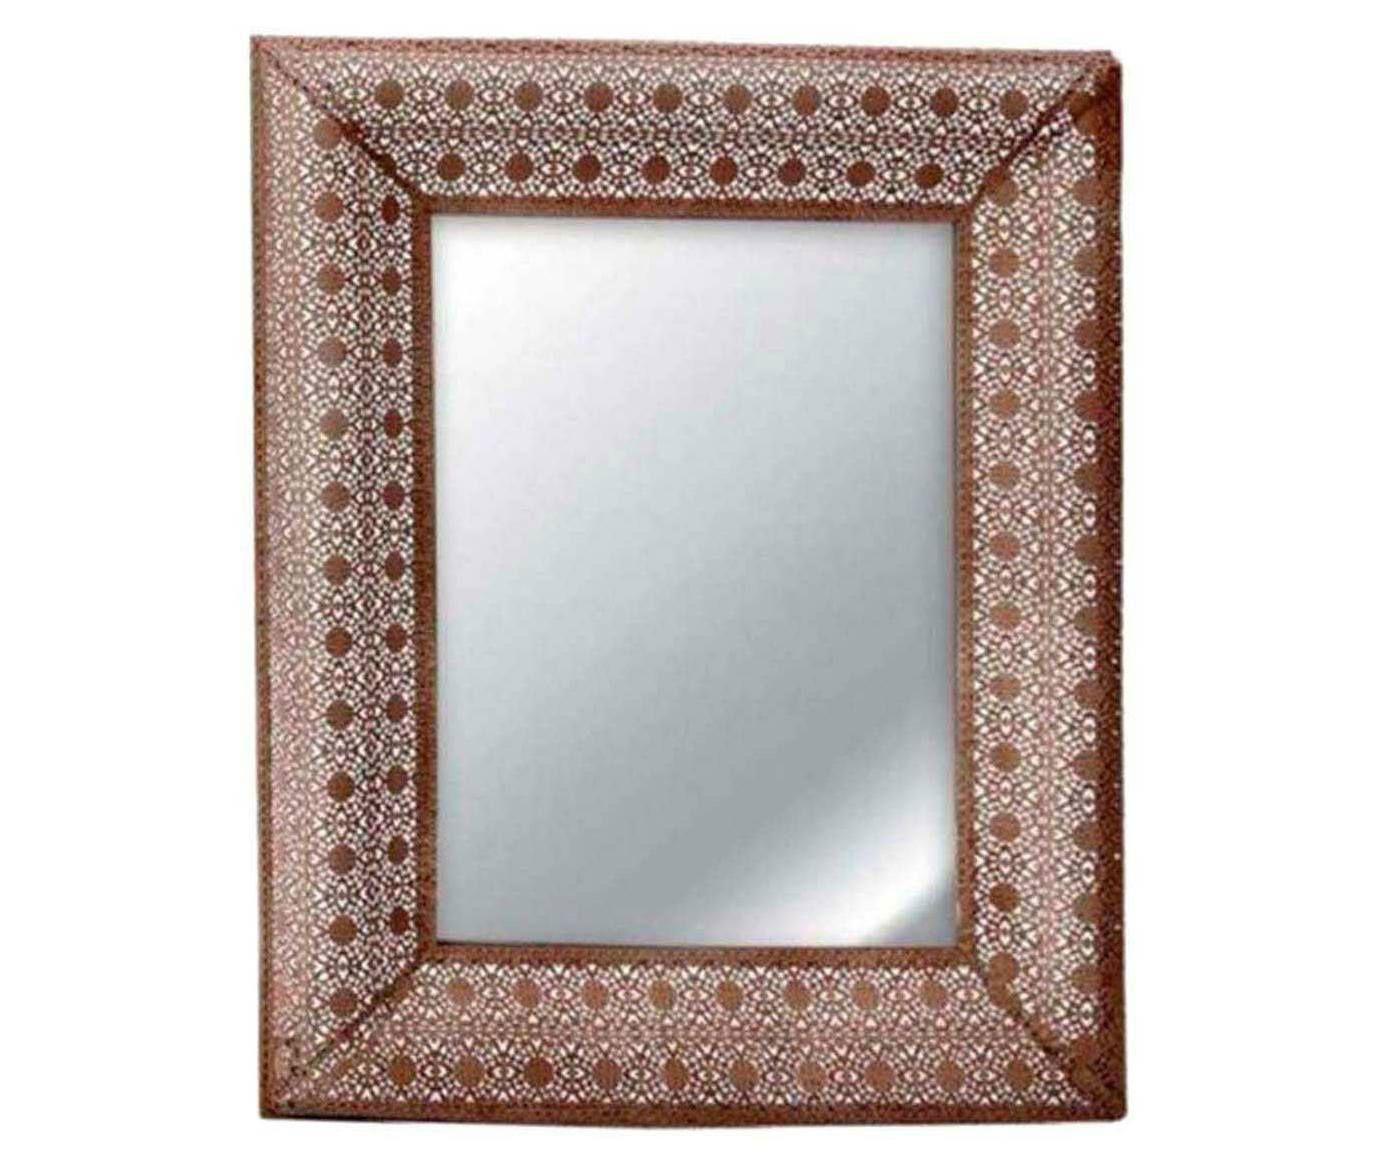 Espelho marrakesh - 50x60cm   Westwing.com.br